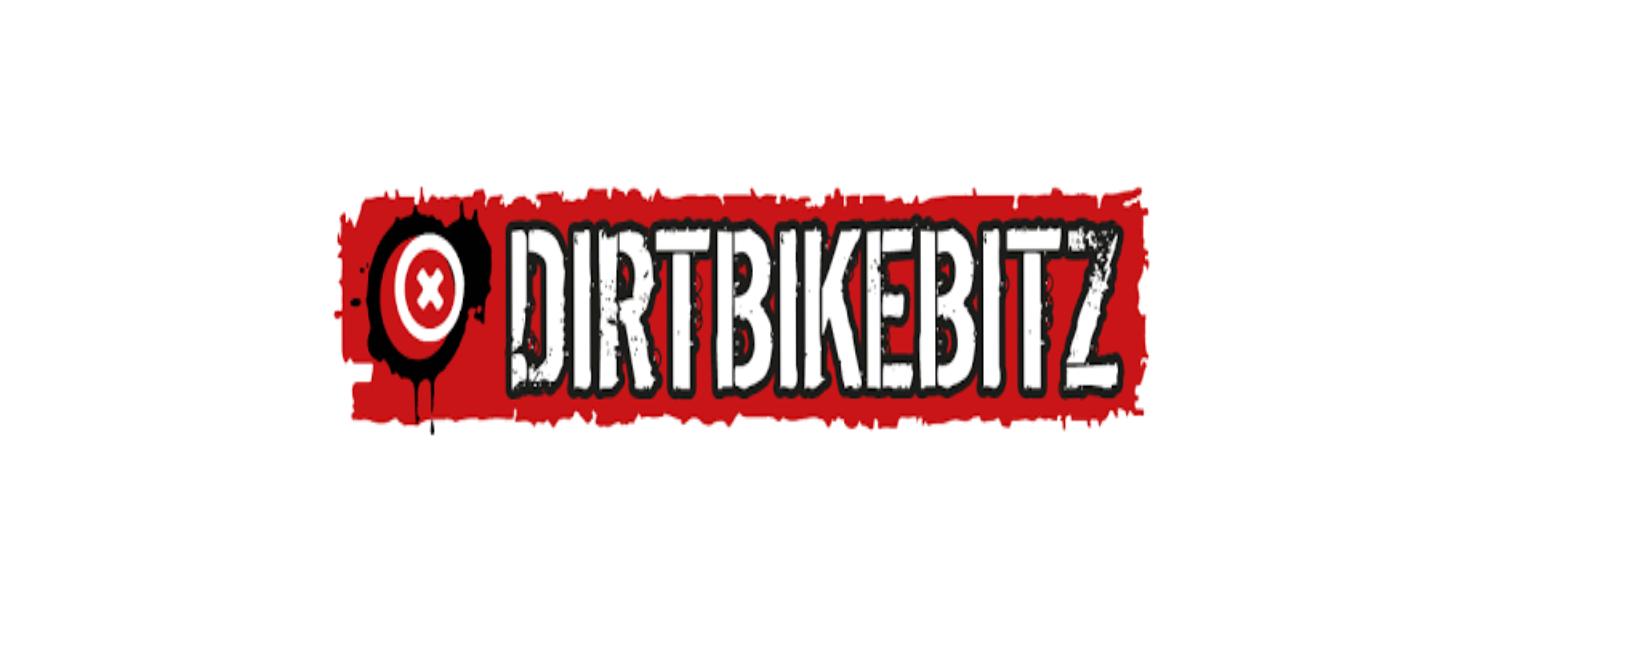 DirtBikeBitz Discount Code 2021